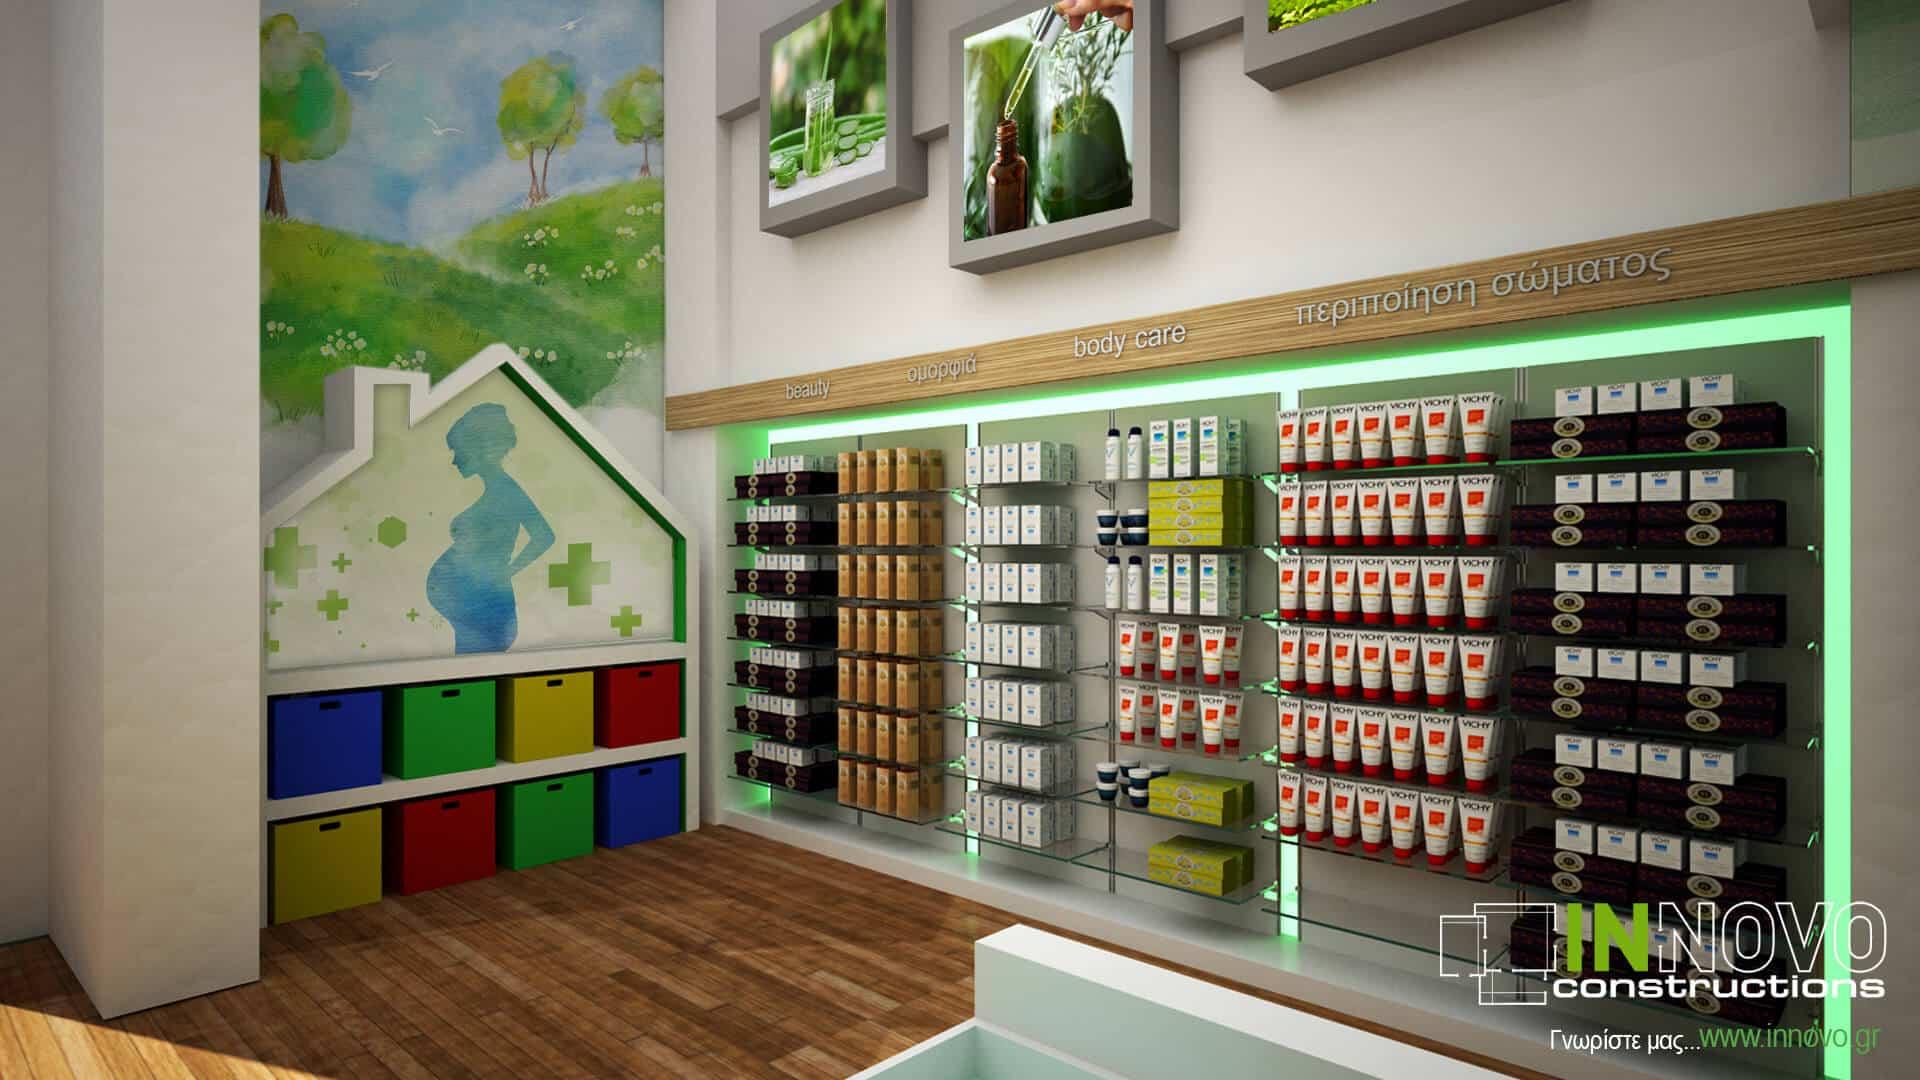 Στην Καλλιθέα, σχεδιασμός εξοπλισμού φαρμακείου